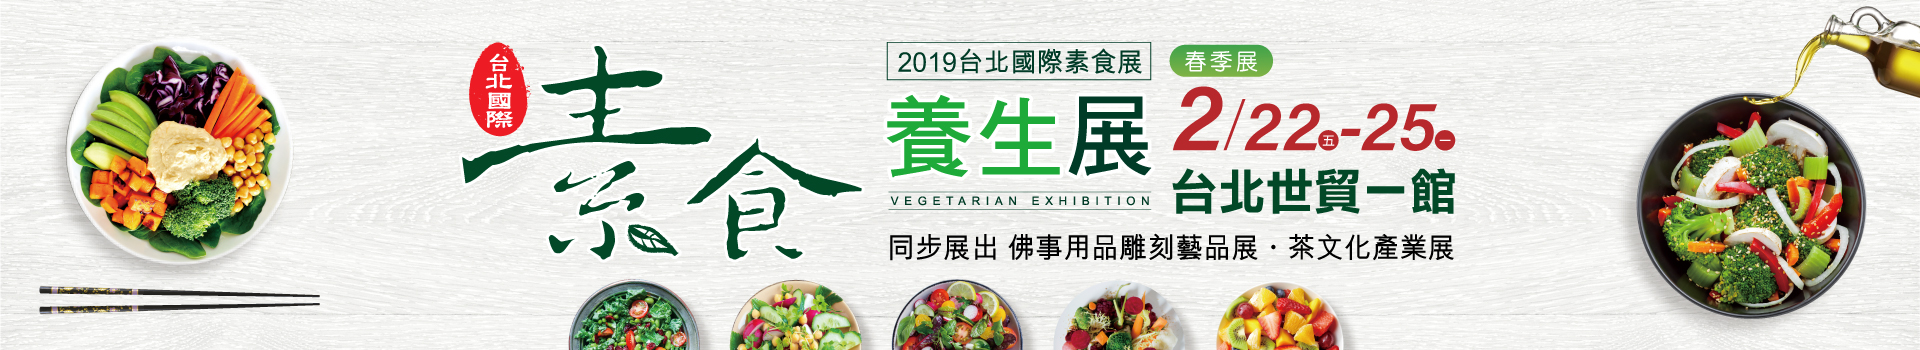 台北國際素食養生展8/31-9/3|全國最大蔬食饗宴